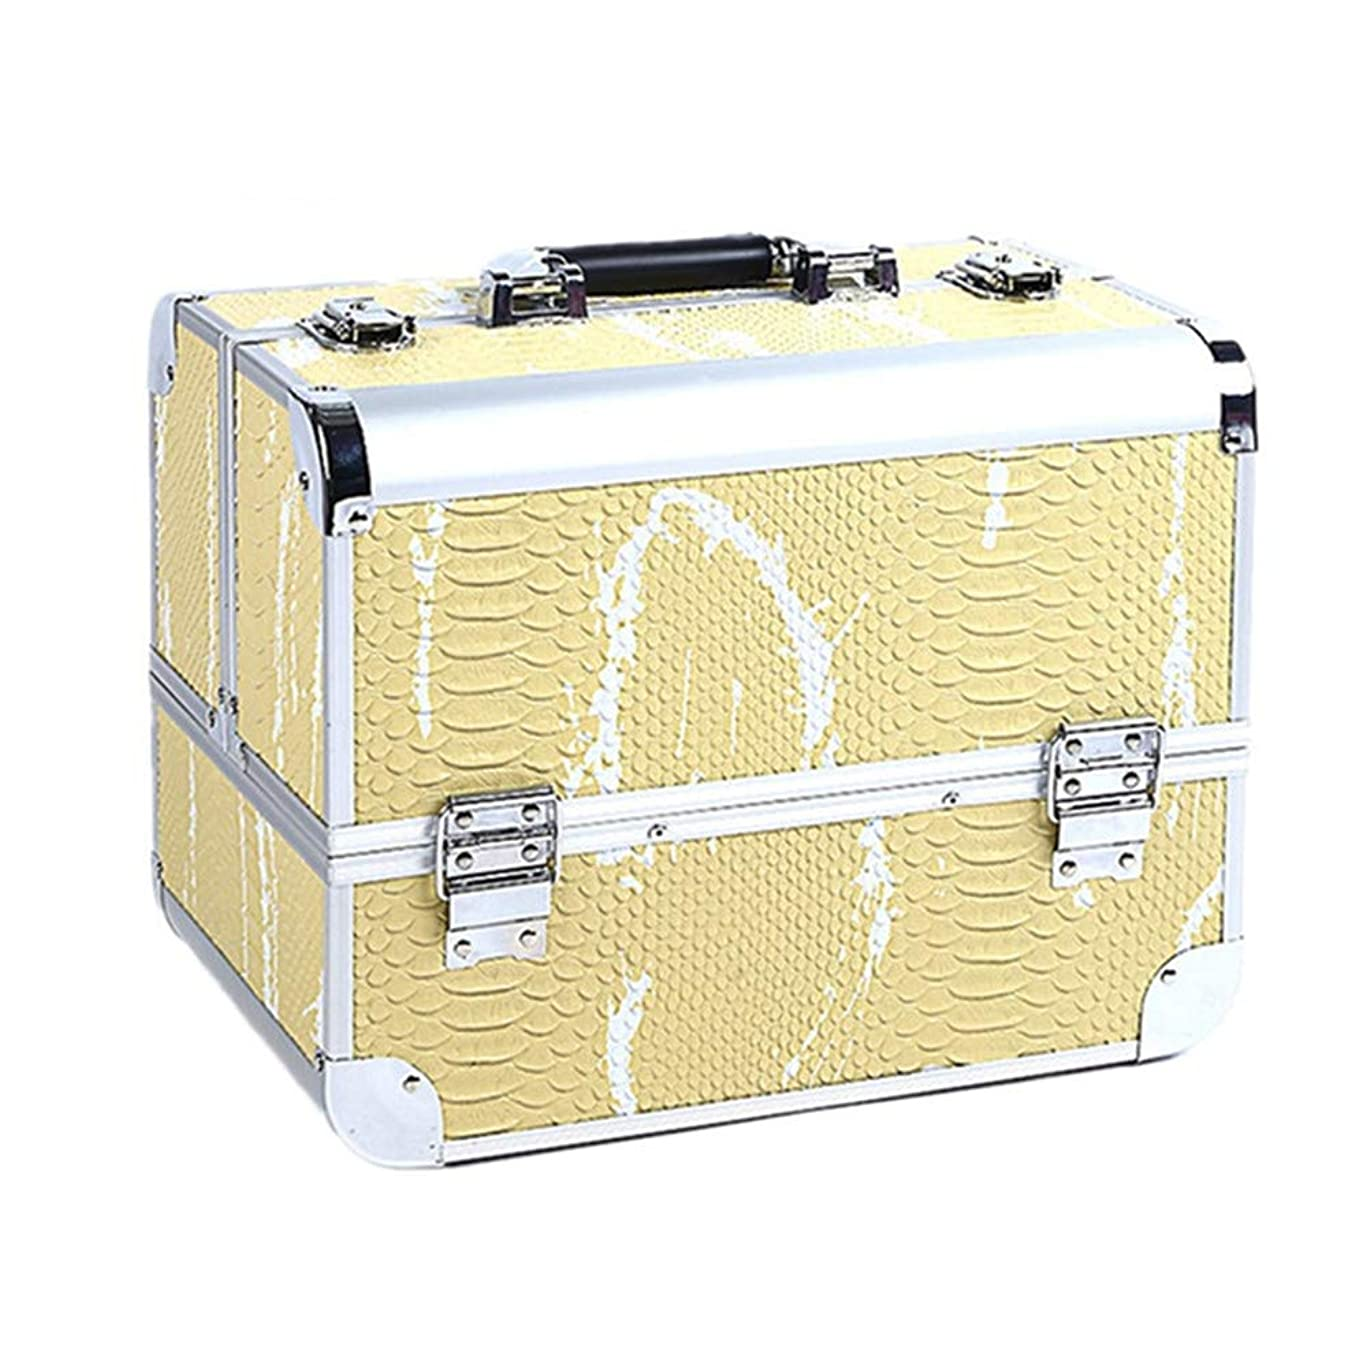 ペレグリネーションペニーブル化粧オーガナイザーバッグ 大容量ポータブル化粧品ケース用トラベルアクセサリーシャンプーボディウォッシュパーソナルアイテムストレージロックと拡張トレイ 化粧品ケース